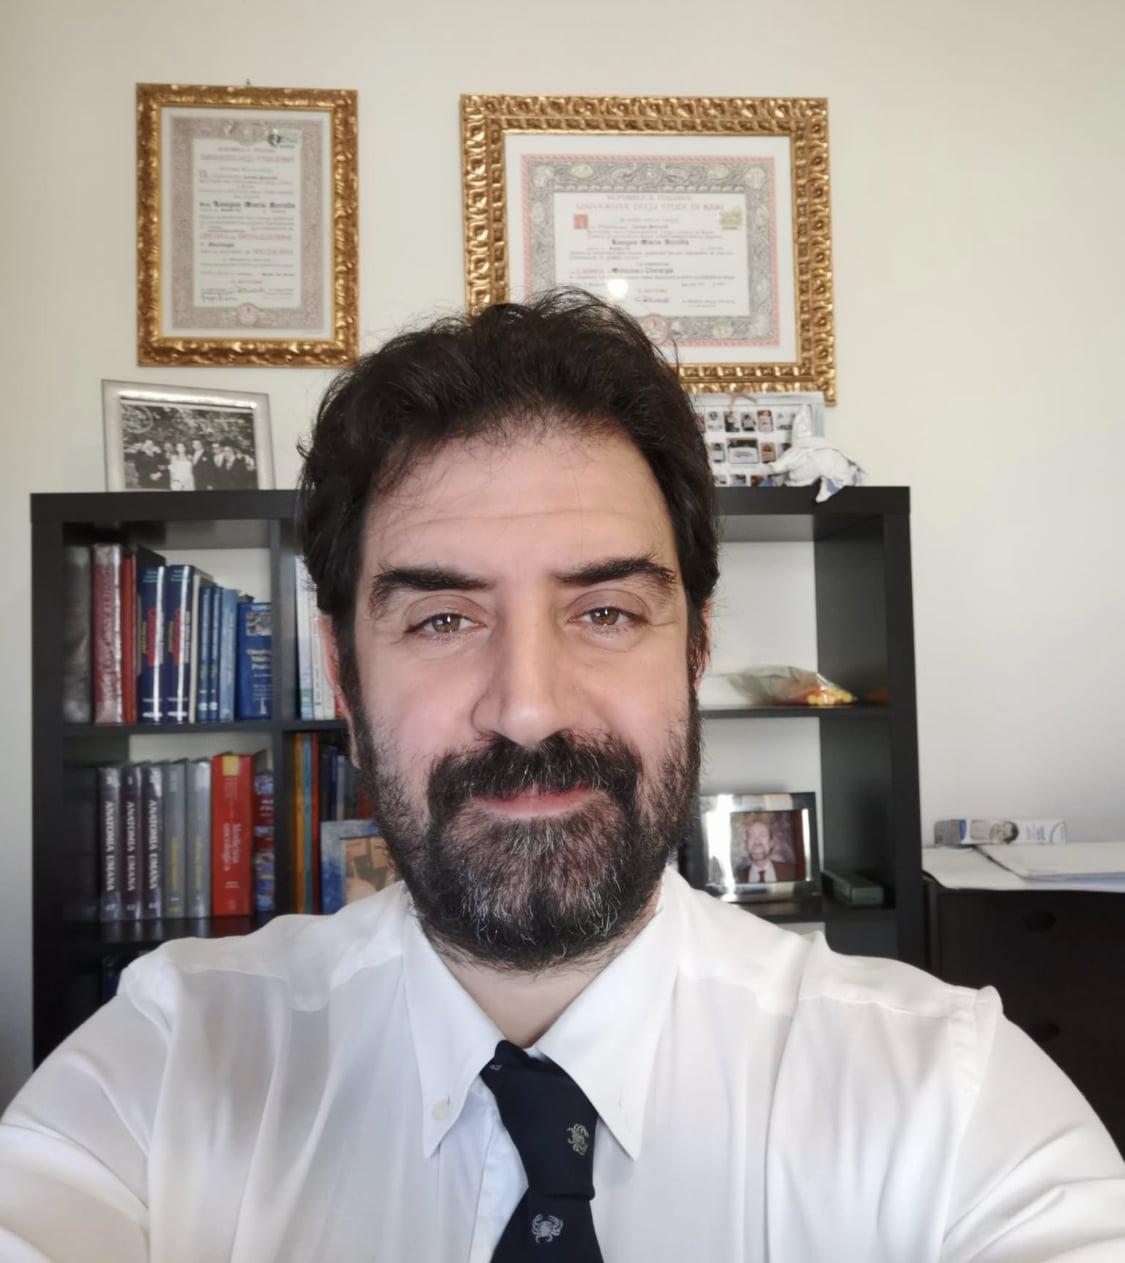 MARCO MARINO' FENIMPRESE TARANTO: OBBLIGO DEL GREEN PASS PER LE AZIENDE LE PRESCRIZIONI DEL GOVERNO: VA TUTTO BENE? FORSE NO… TROVIAMO DELLE SOLUZIONI